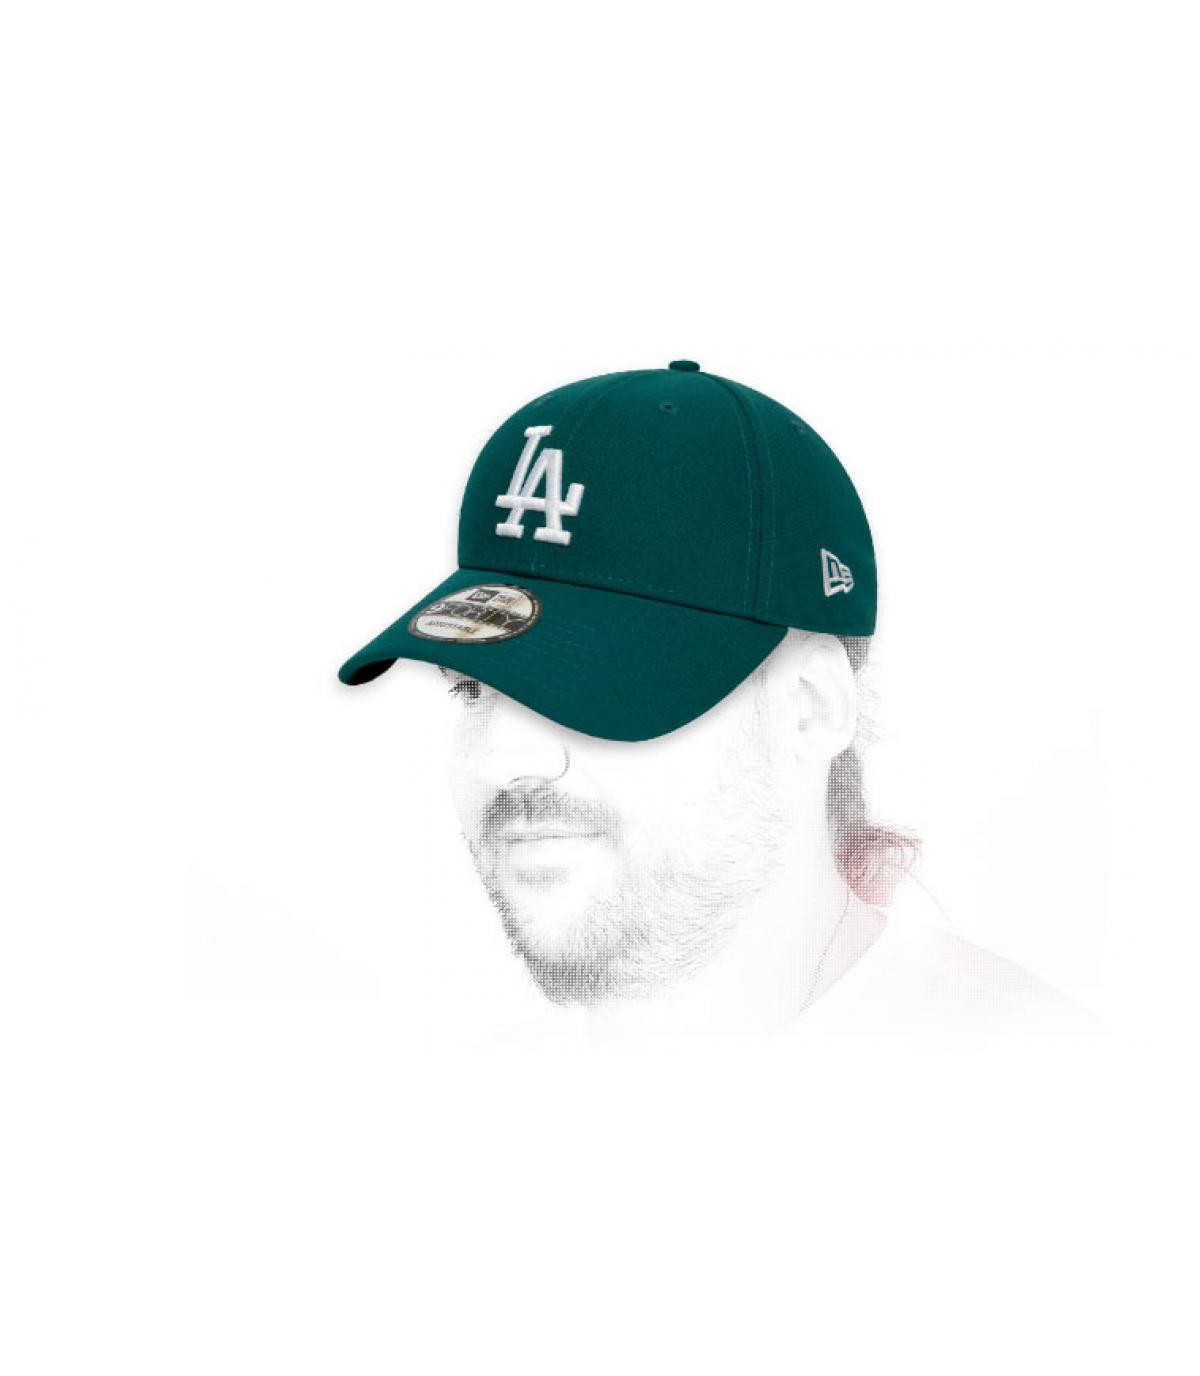 gorra LA verde blanco